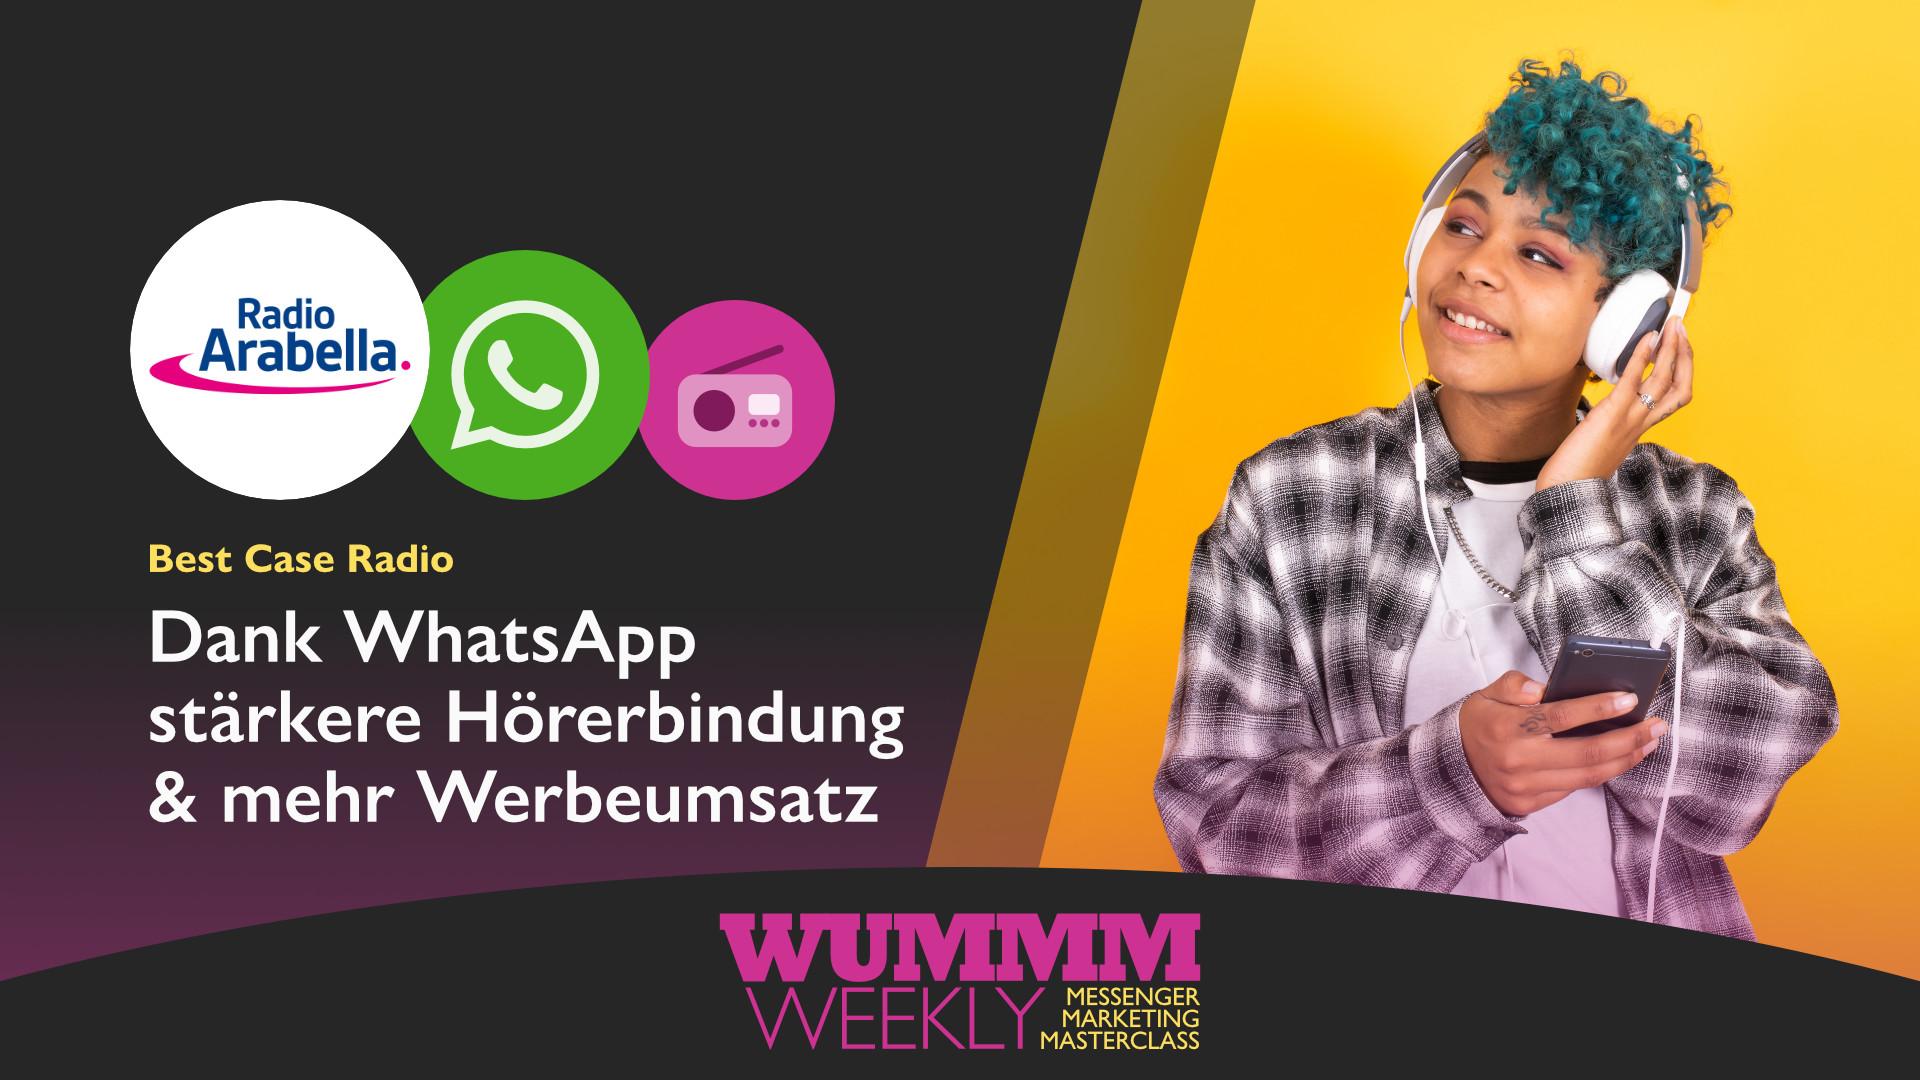 Best Case Radio Arabella WhatsApp wummm weekly